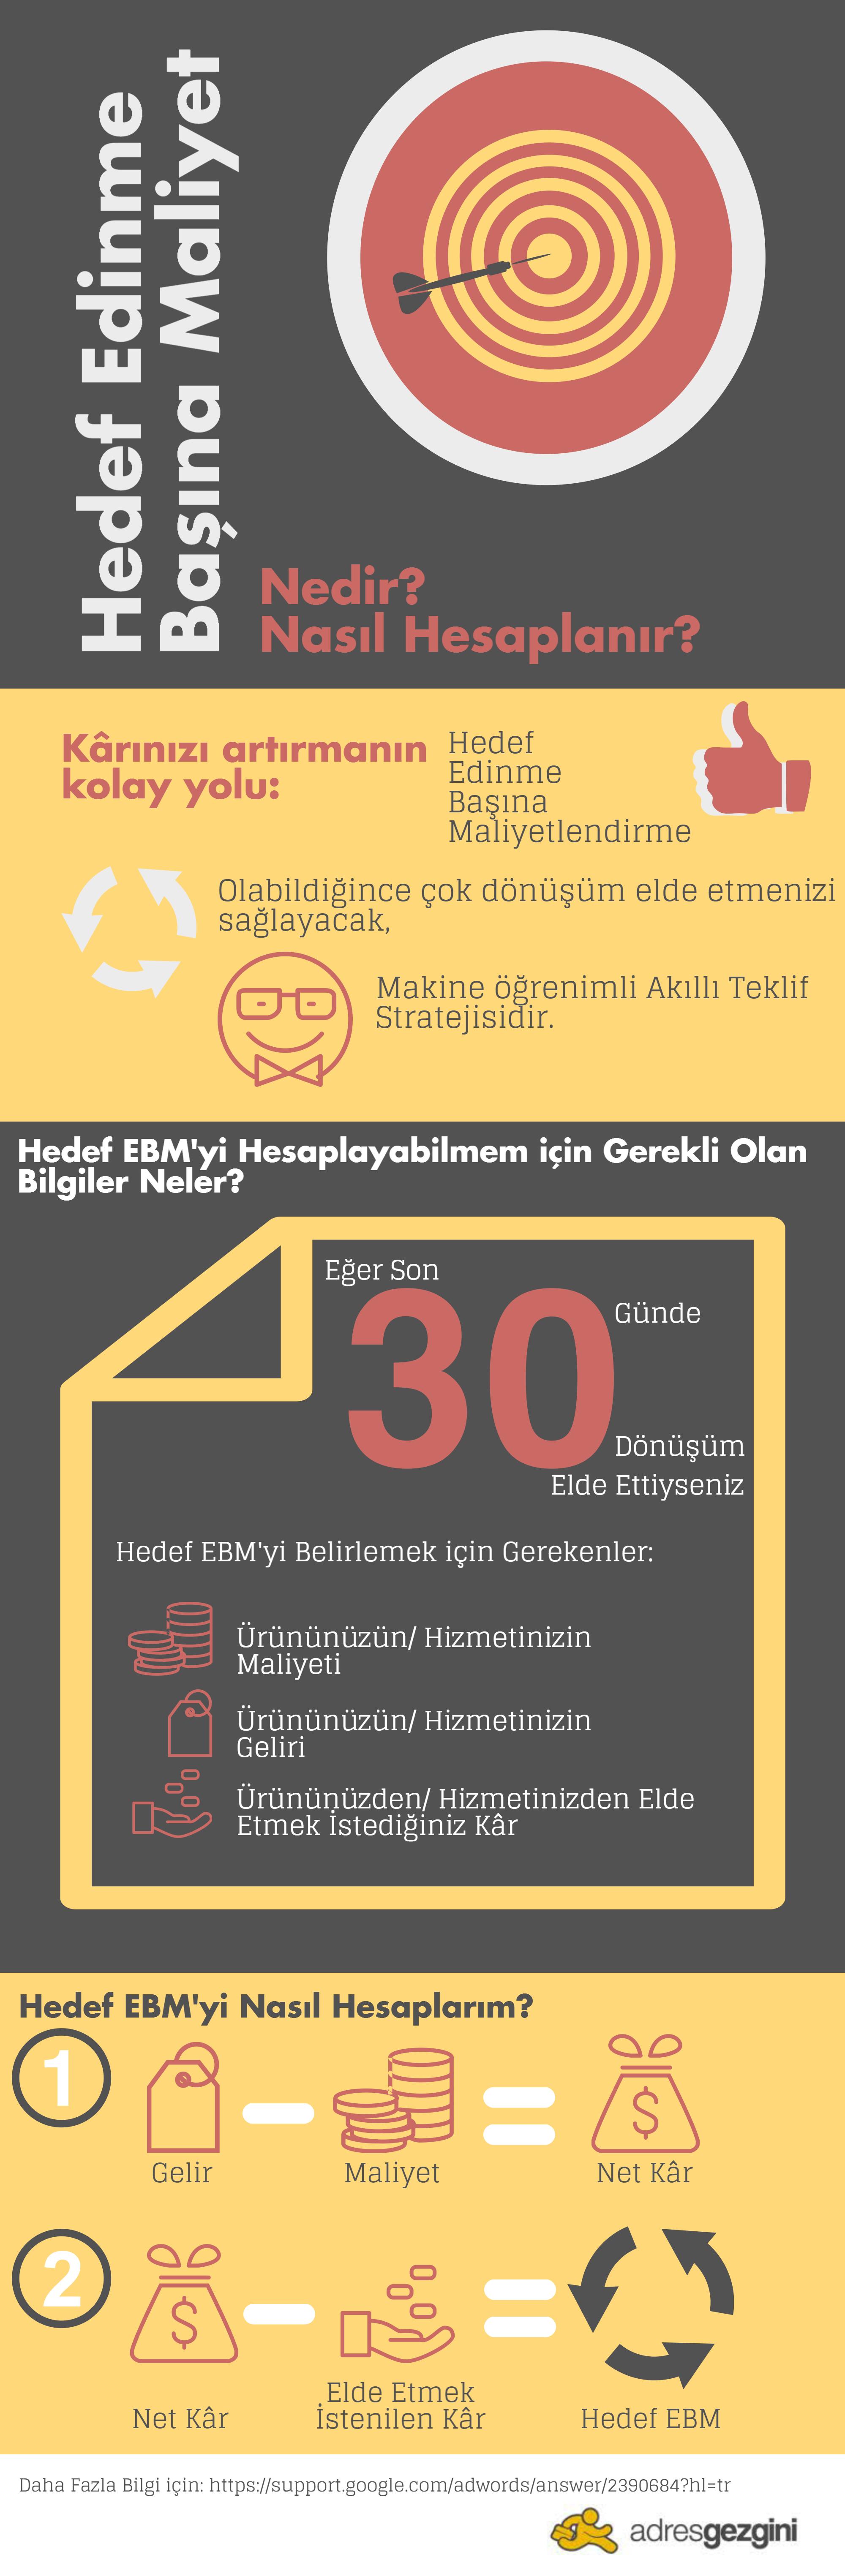 hedefebm-infografik